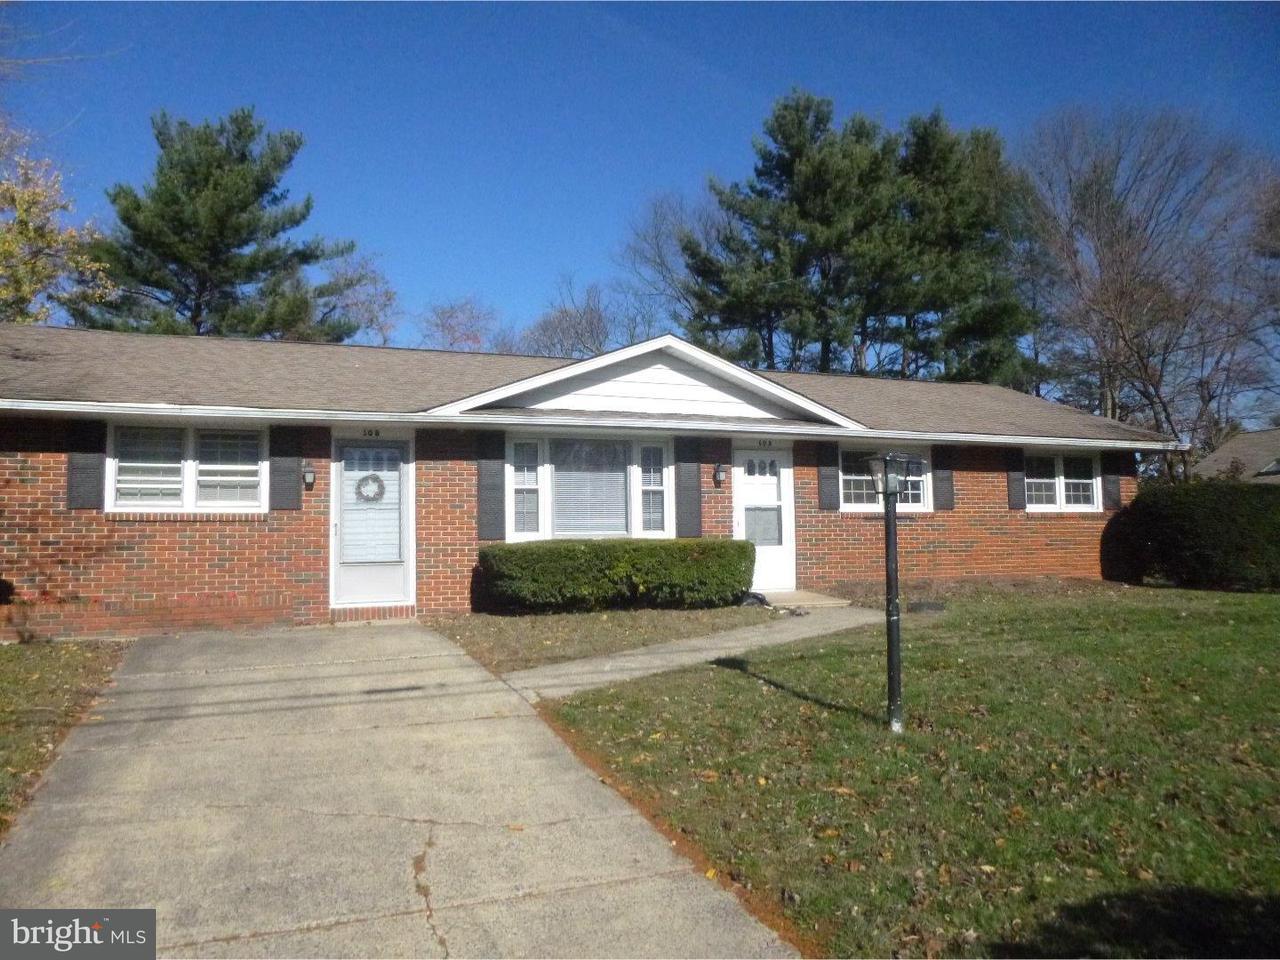 Casa Unifamiliar por un Alquiler en 10 GARFIELD AVE #B Turnersville, Nueva Jersey 08012 Estados Unidos